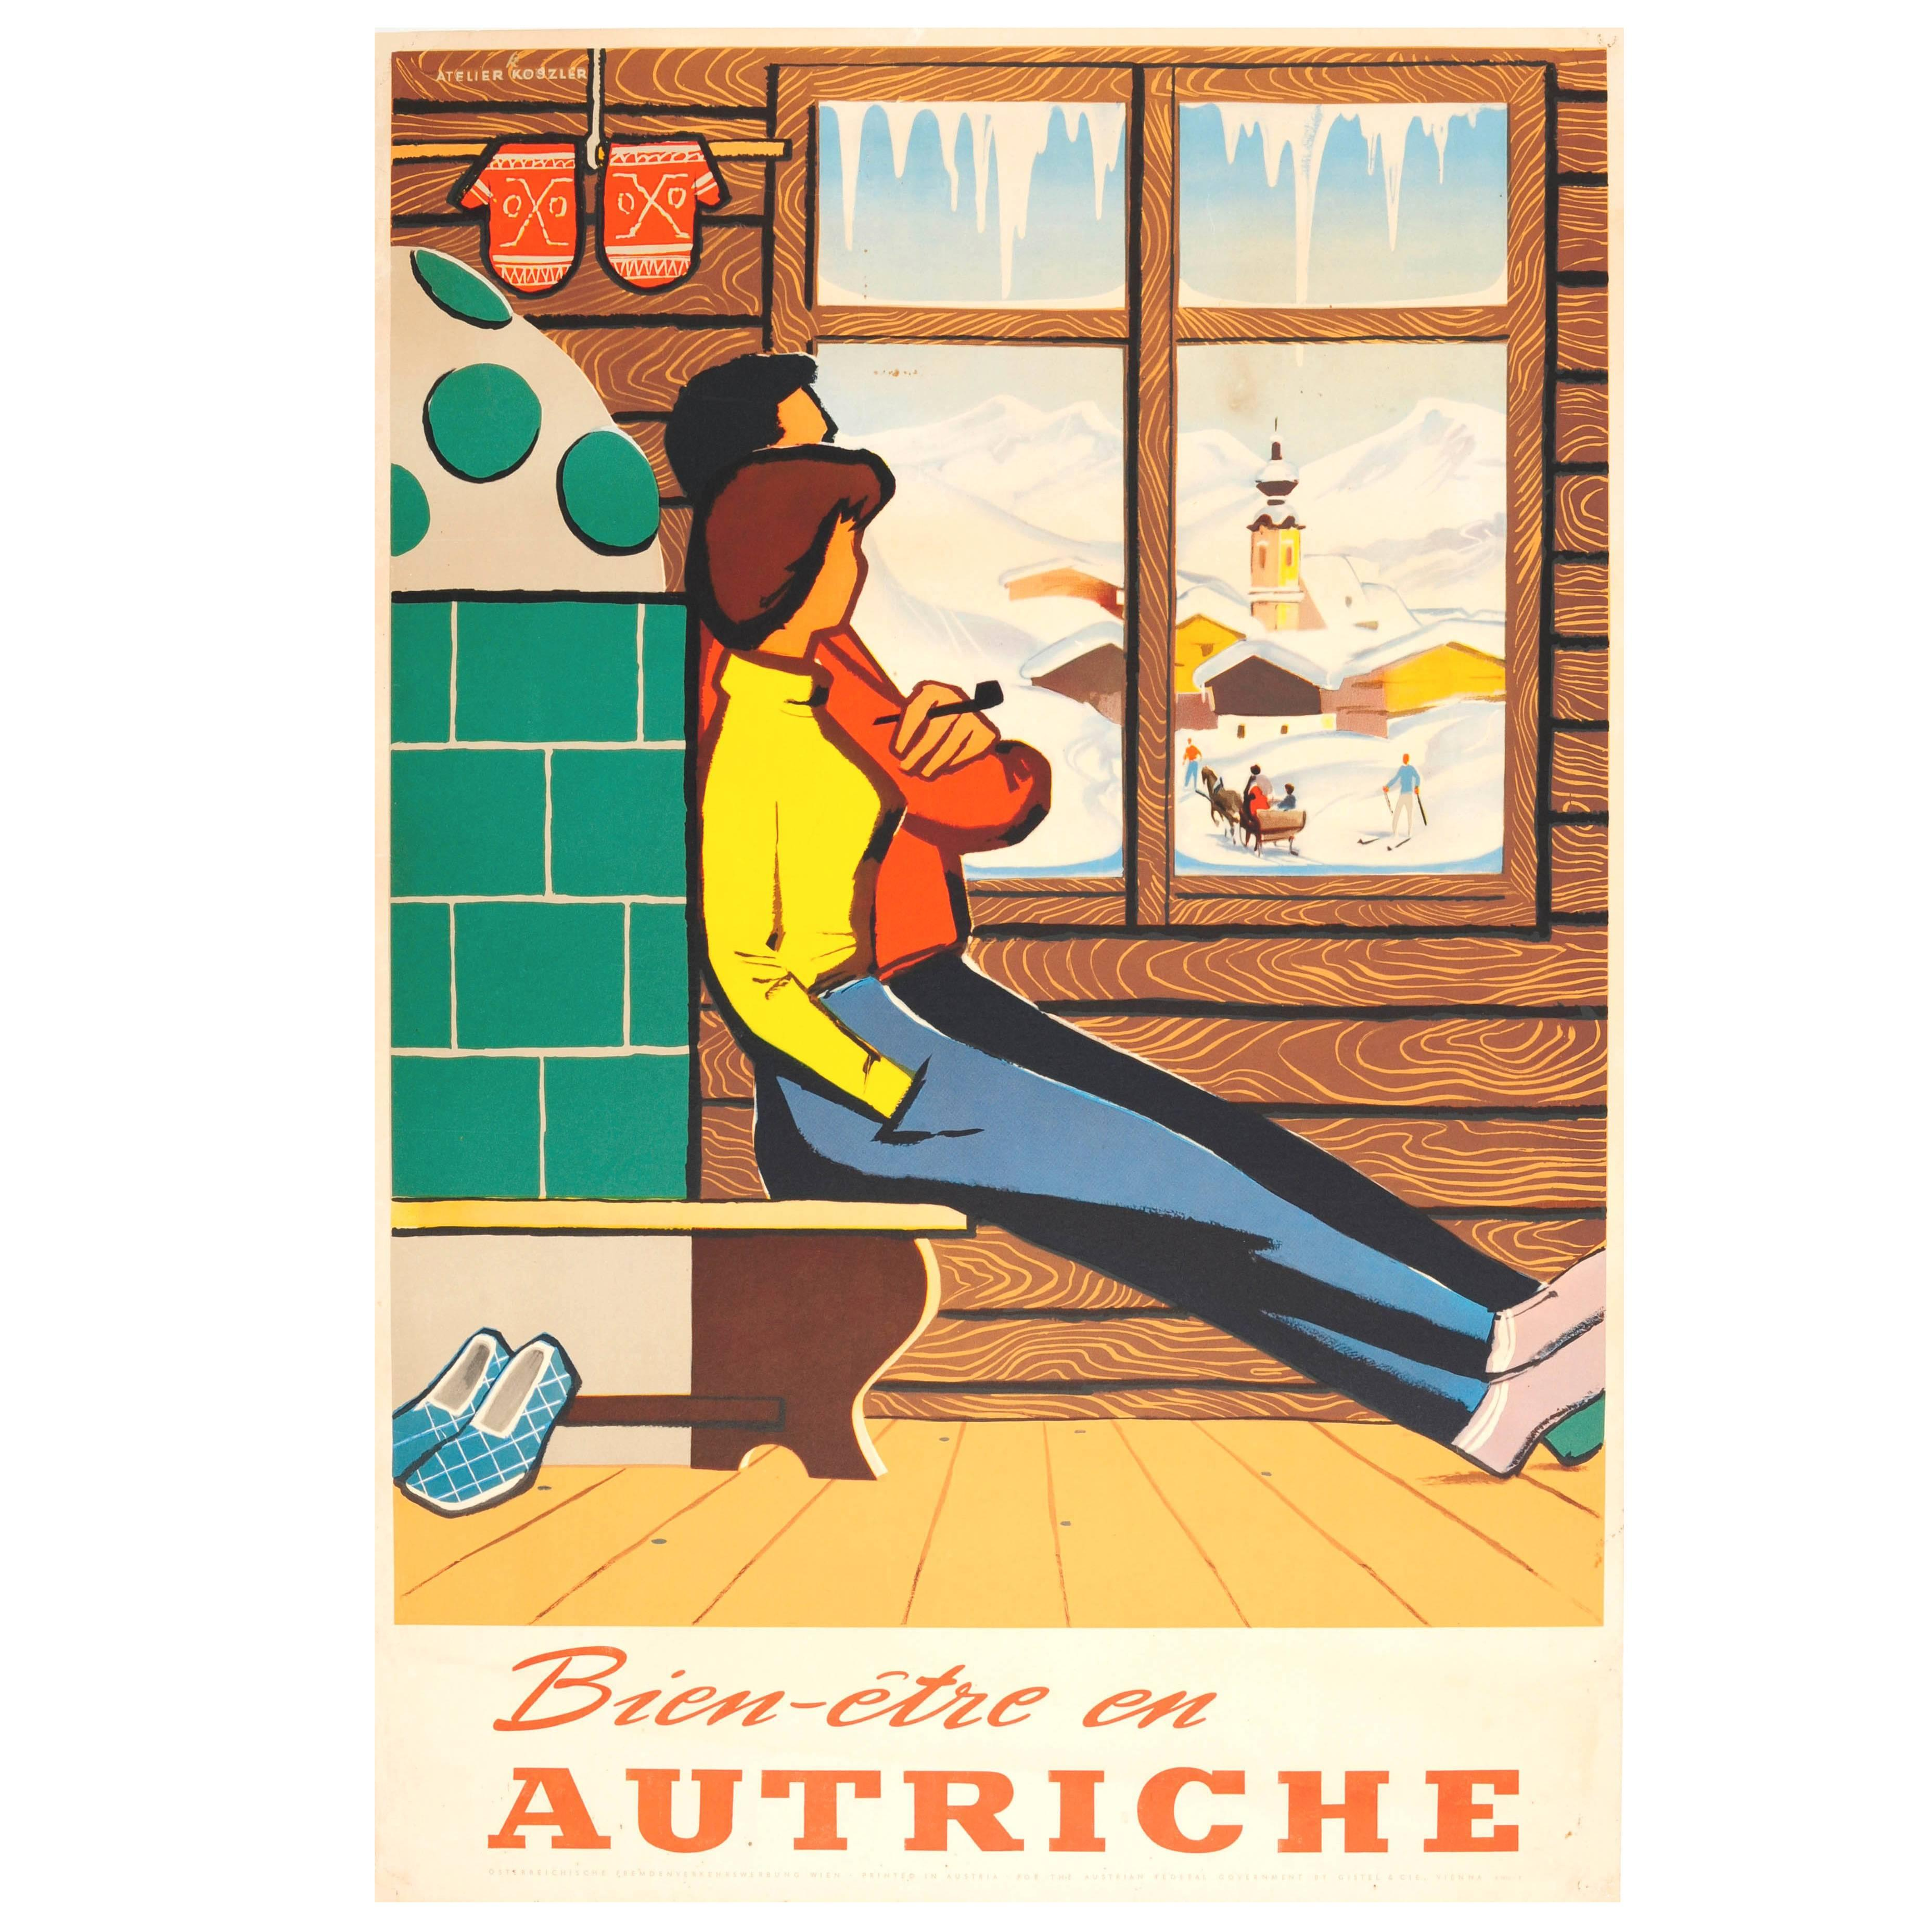 Original Vintage Austria Winter Sport Skiing Travel Poster Bien-etre en Autriche